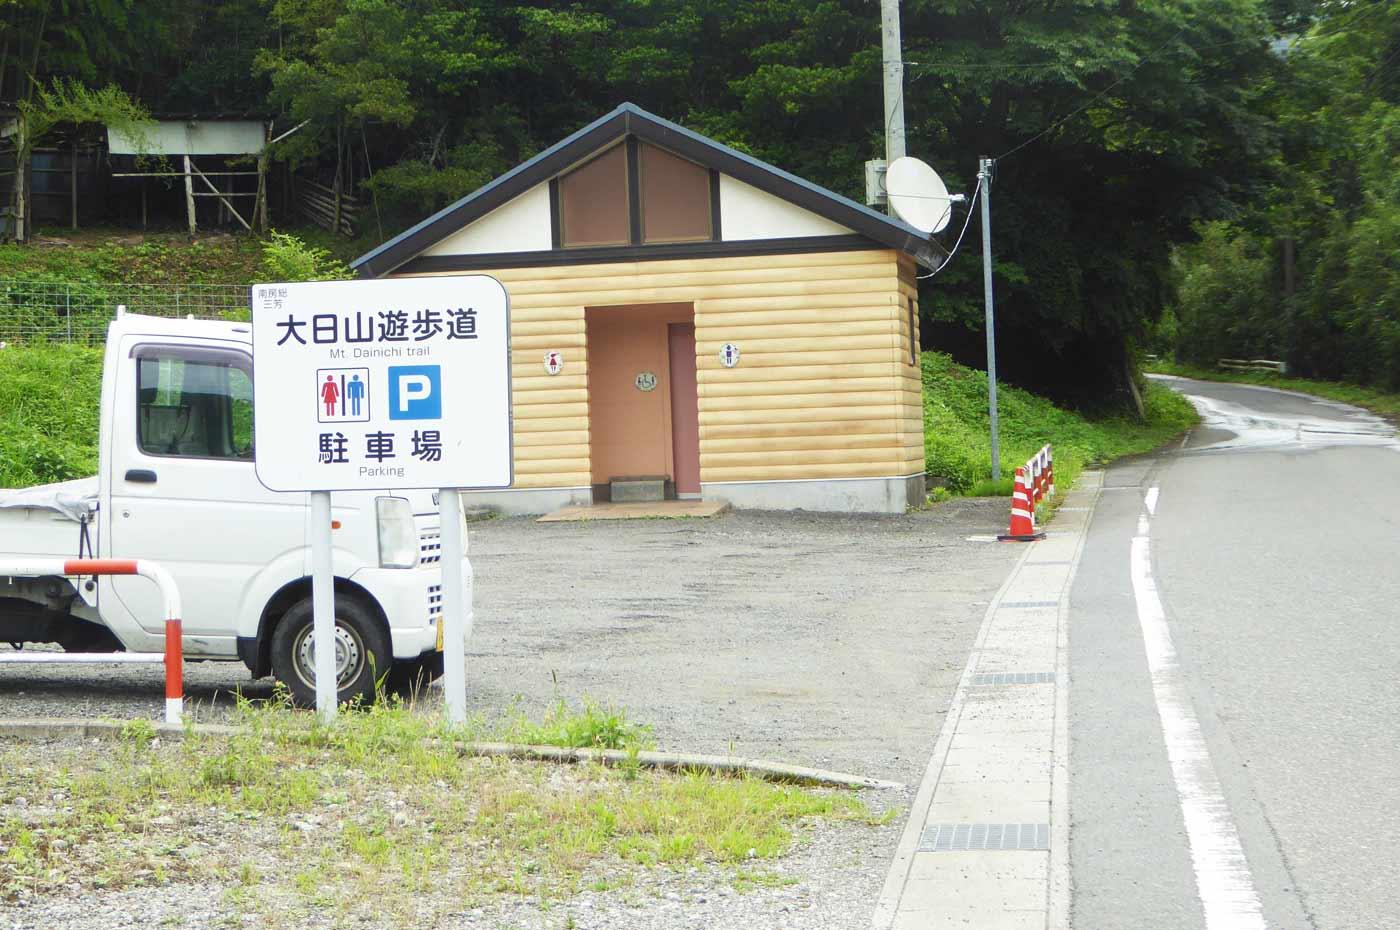 大日山遊歩道の駐車場とトイレ